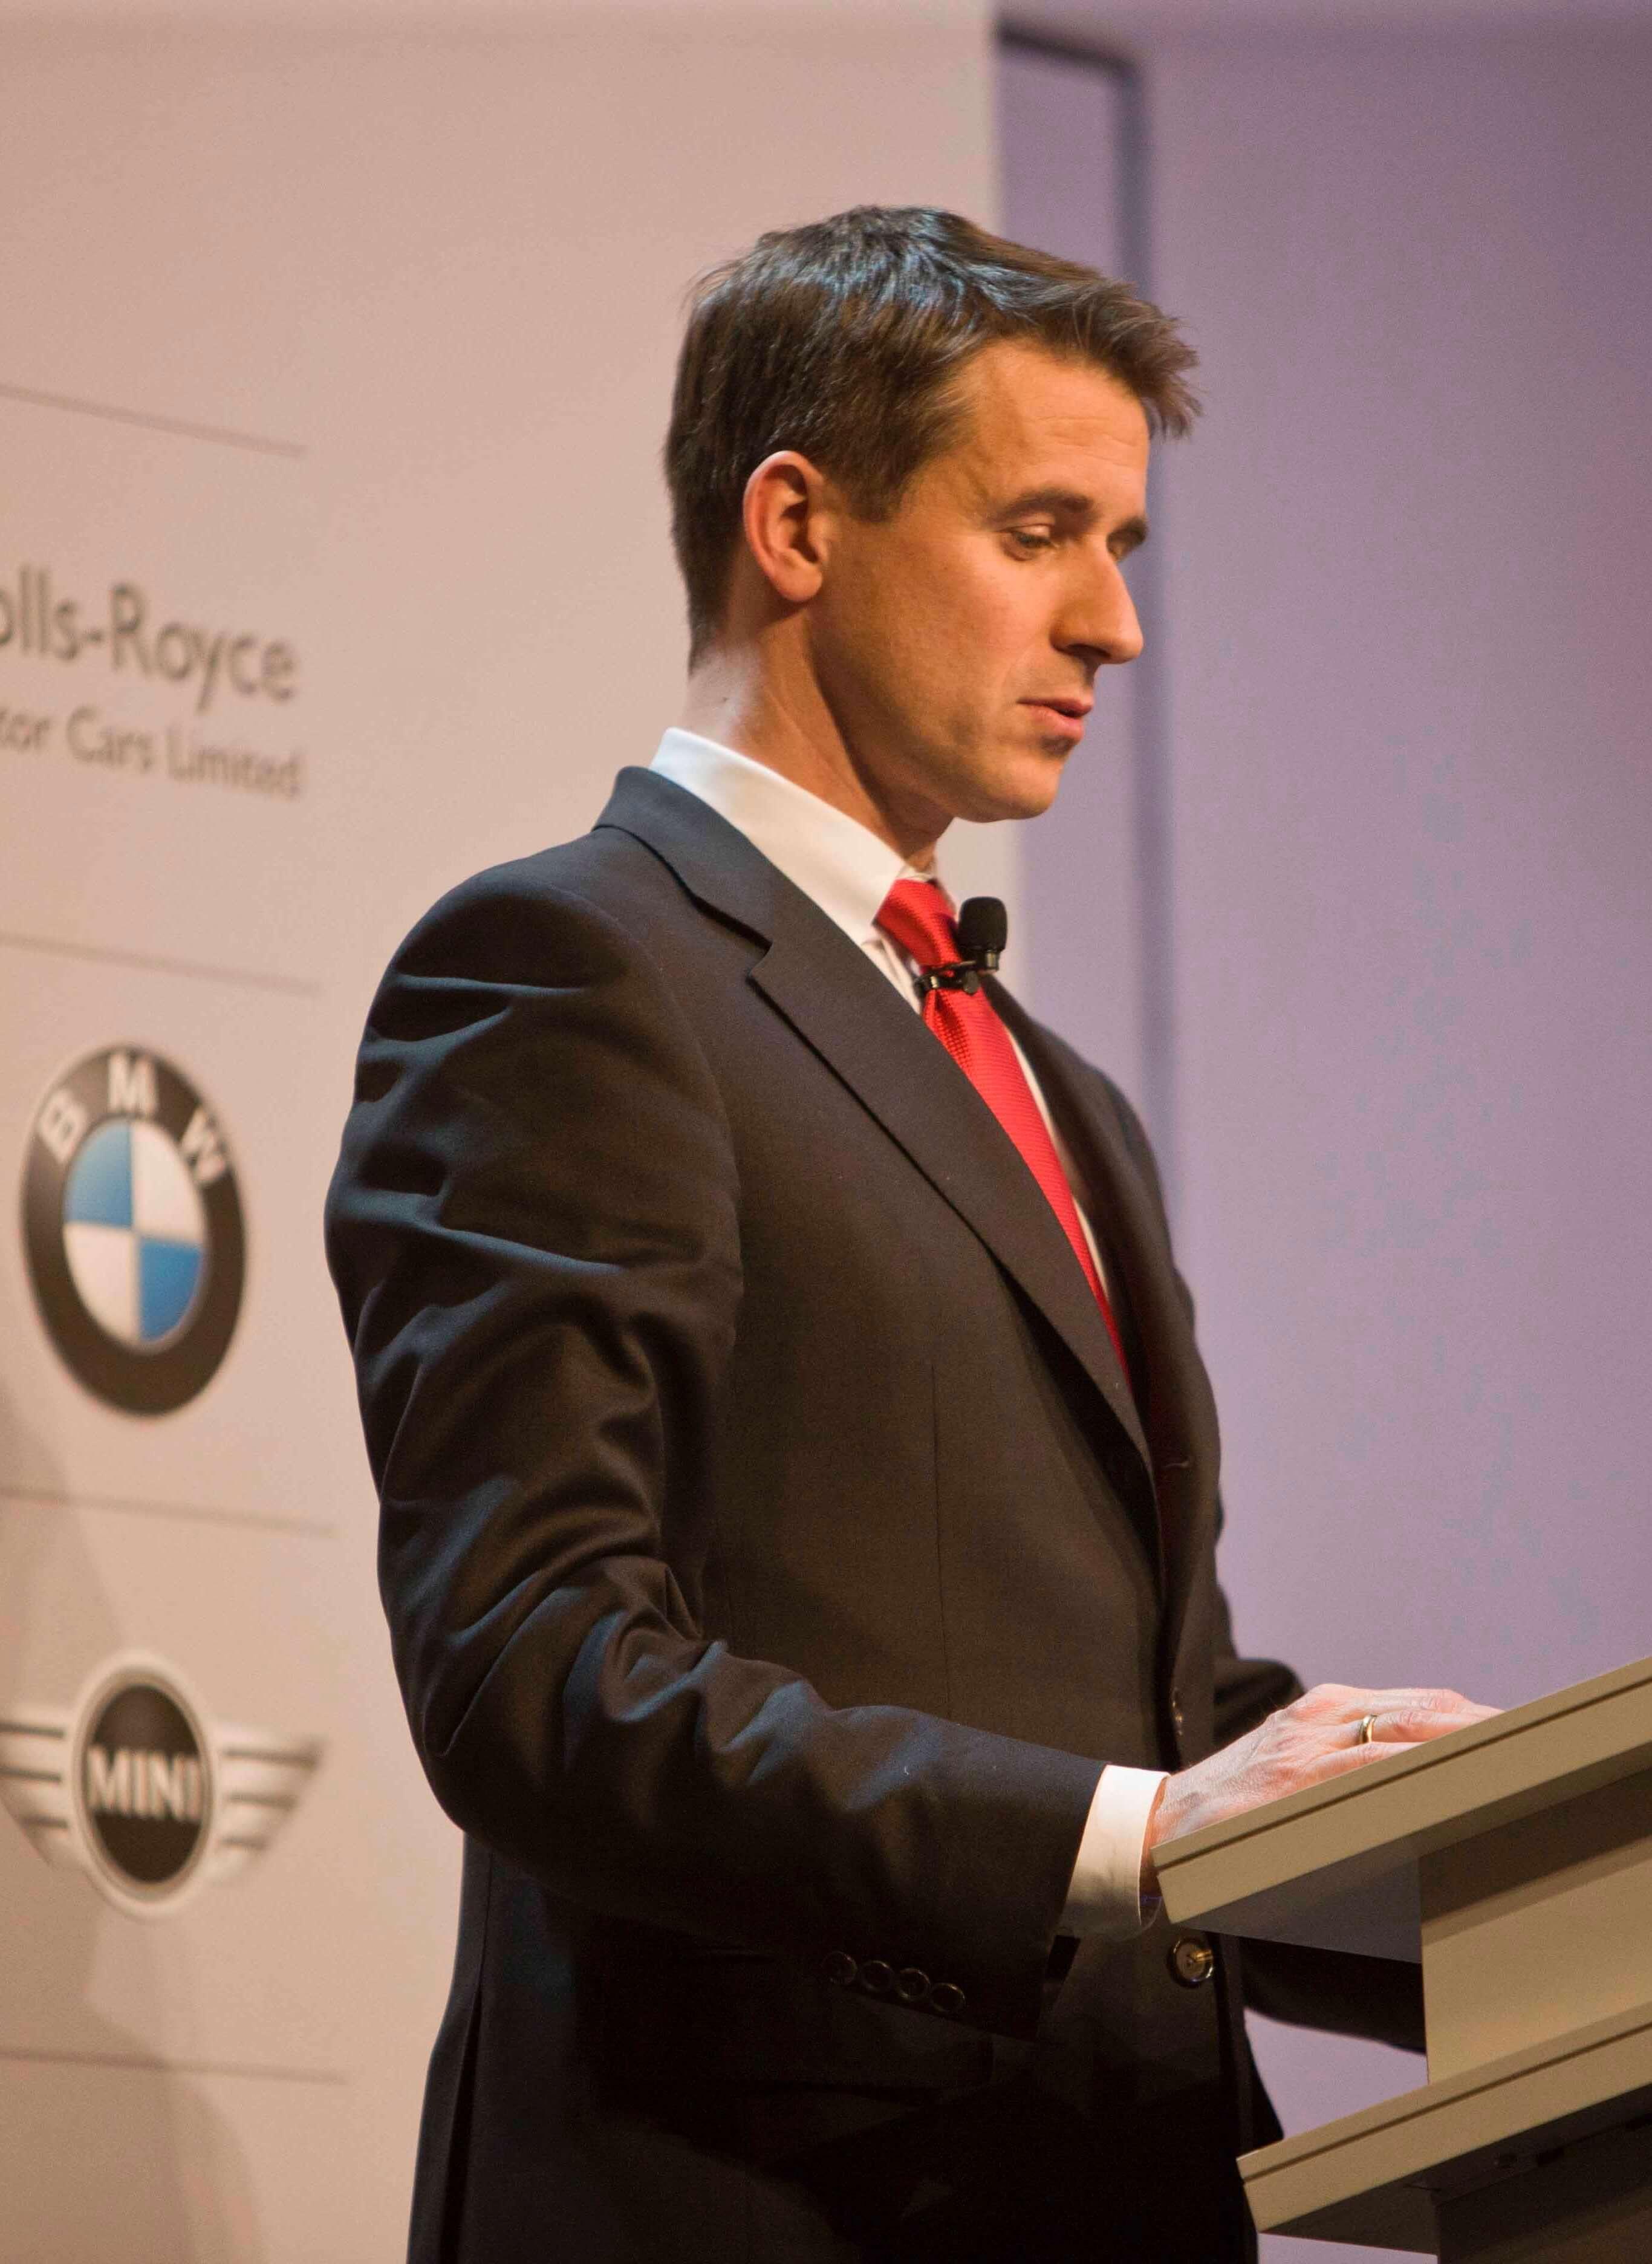 BMW Hauptversammlung, Sprecher Stefan Quandt